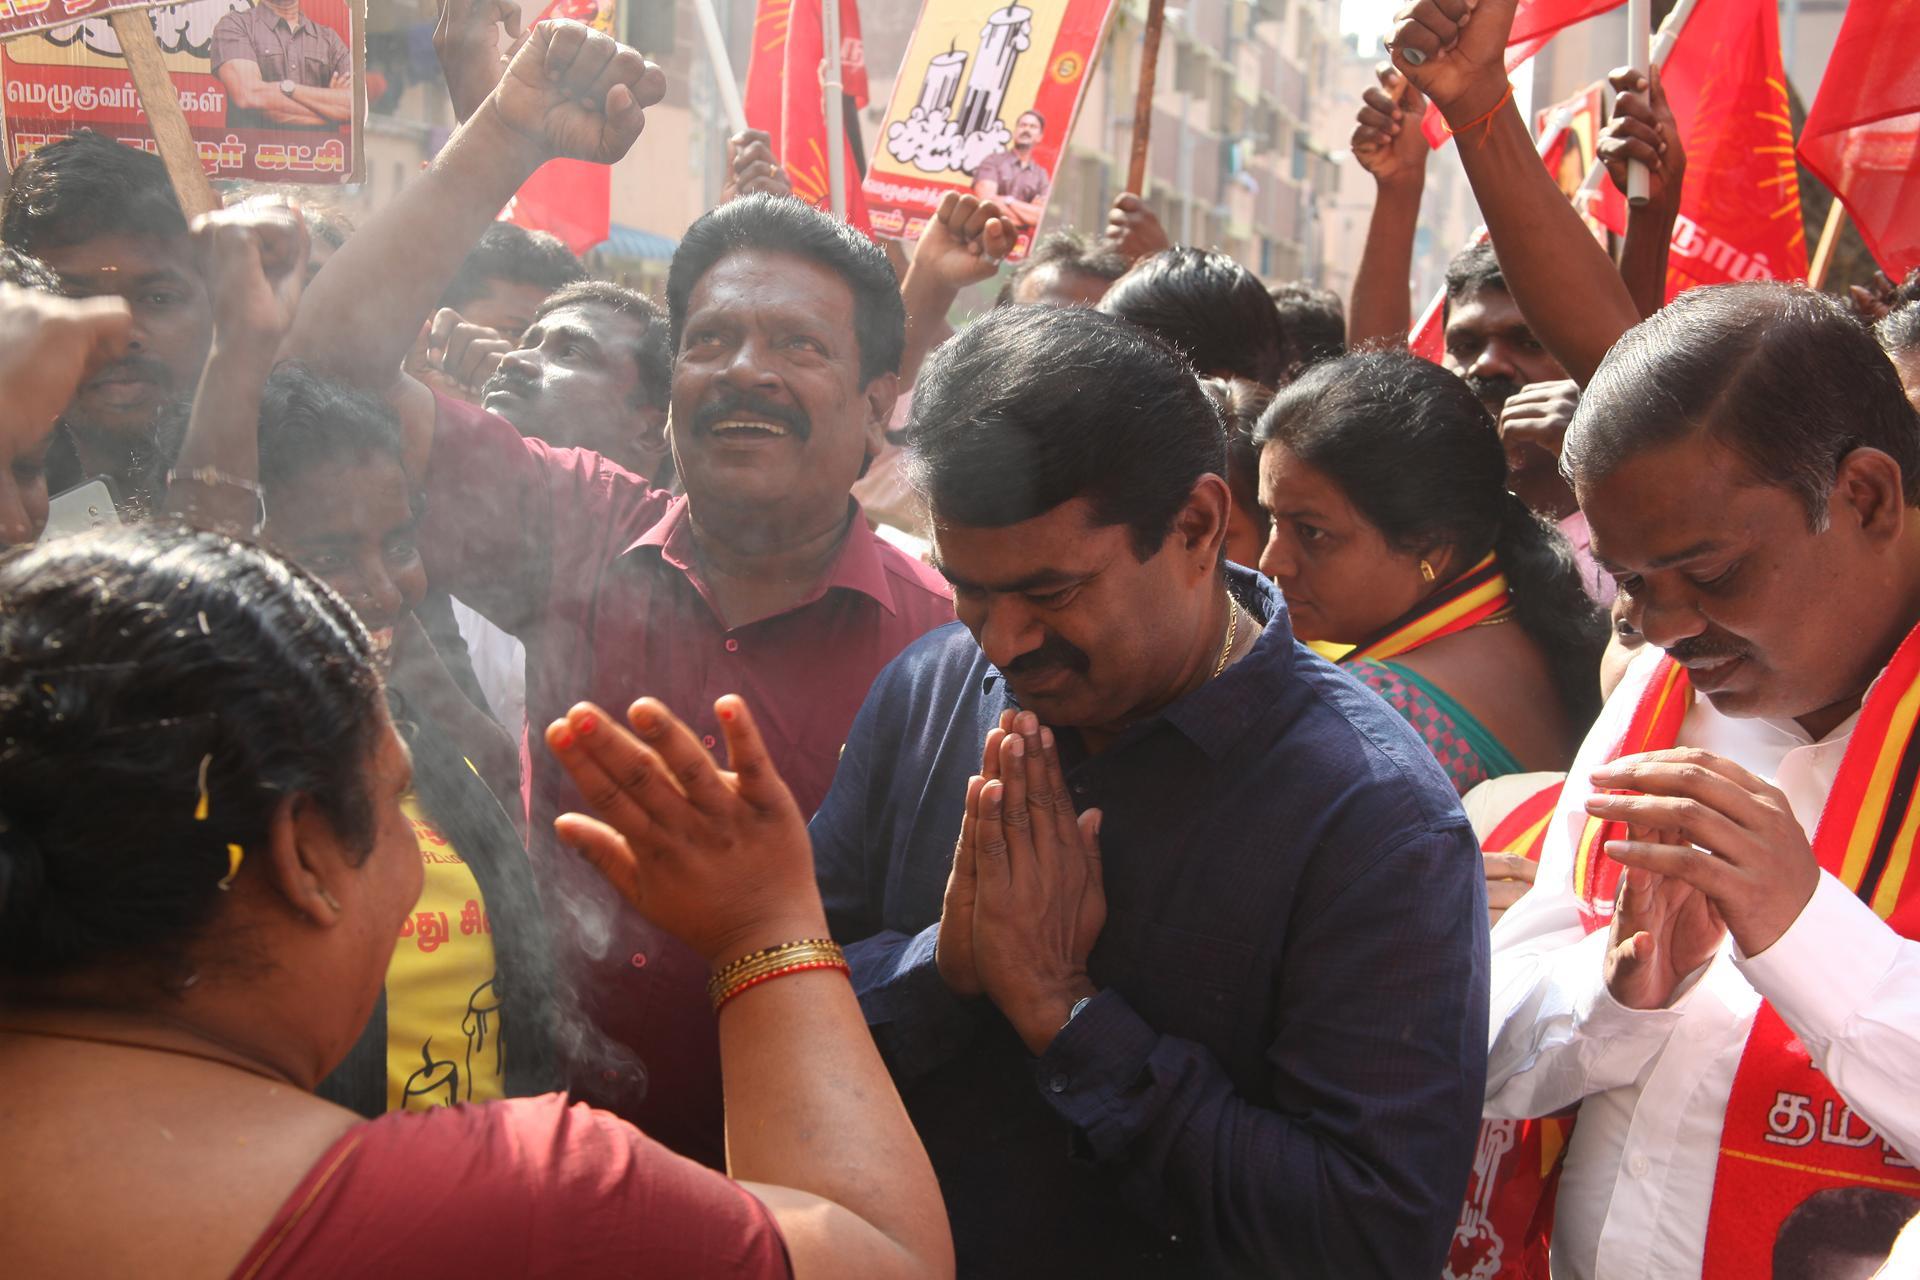 ஆர்.கே நகர் தேர்தல்களம்: 10-12-2017 10வது நாள்   சீமான் வாக்கு சேகரிப்பு மற்றும் பொதுக்கூட்டம்